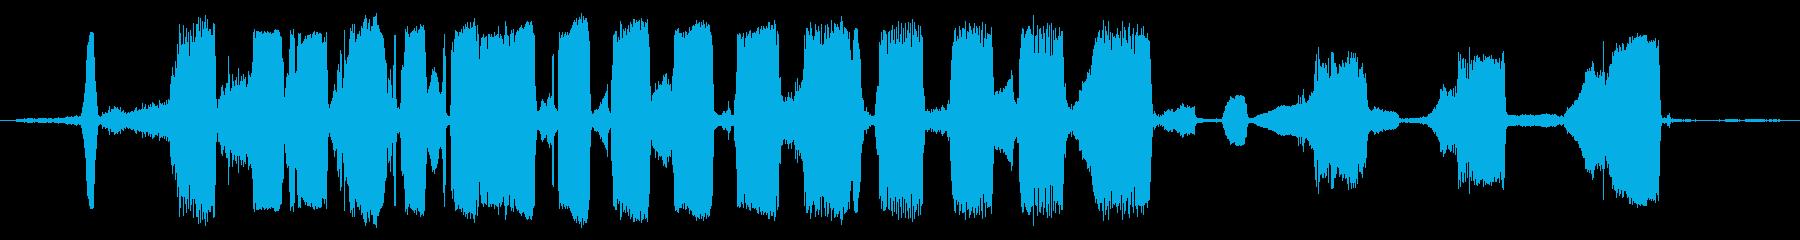 いくつかの、ボーリング、ムーのよう...の再生済みの波形